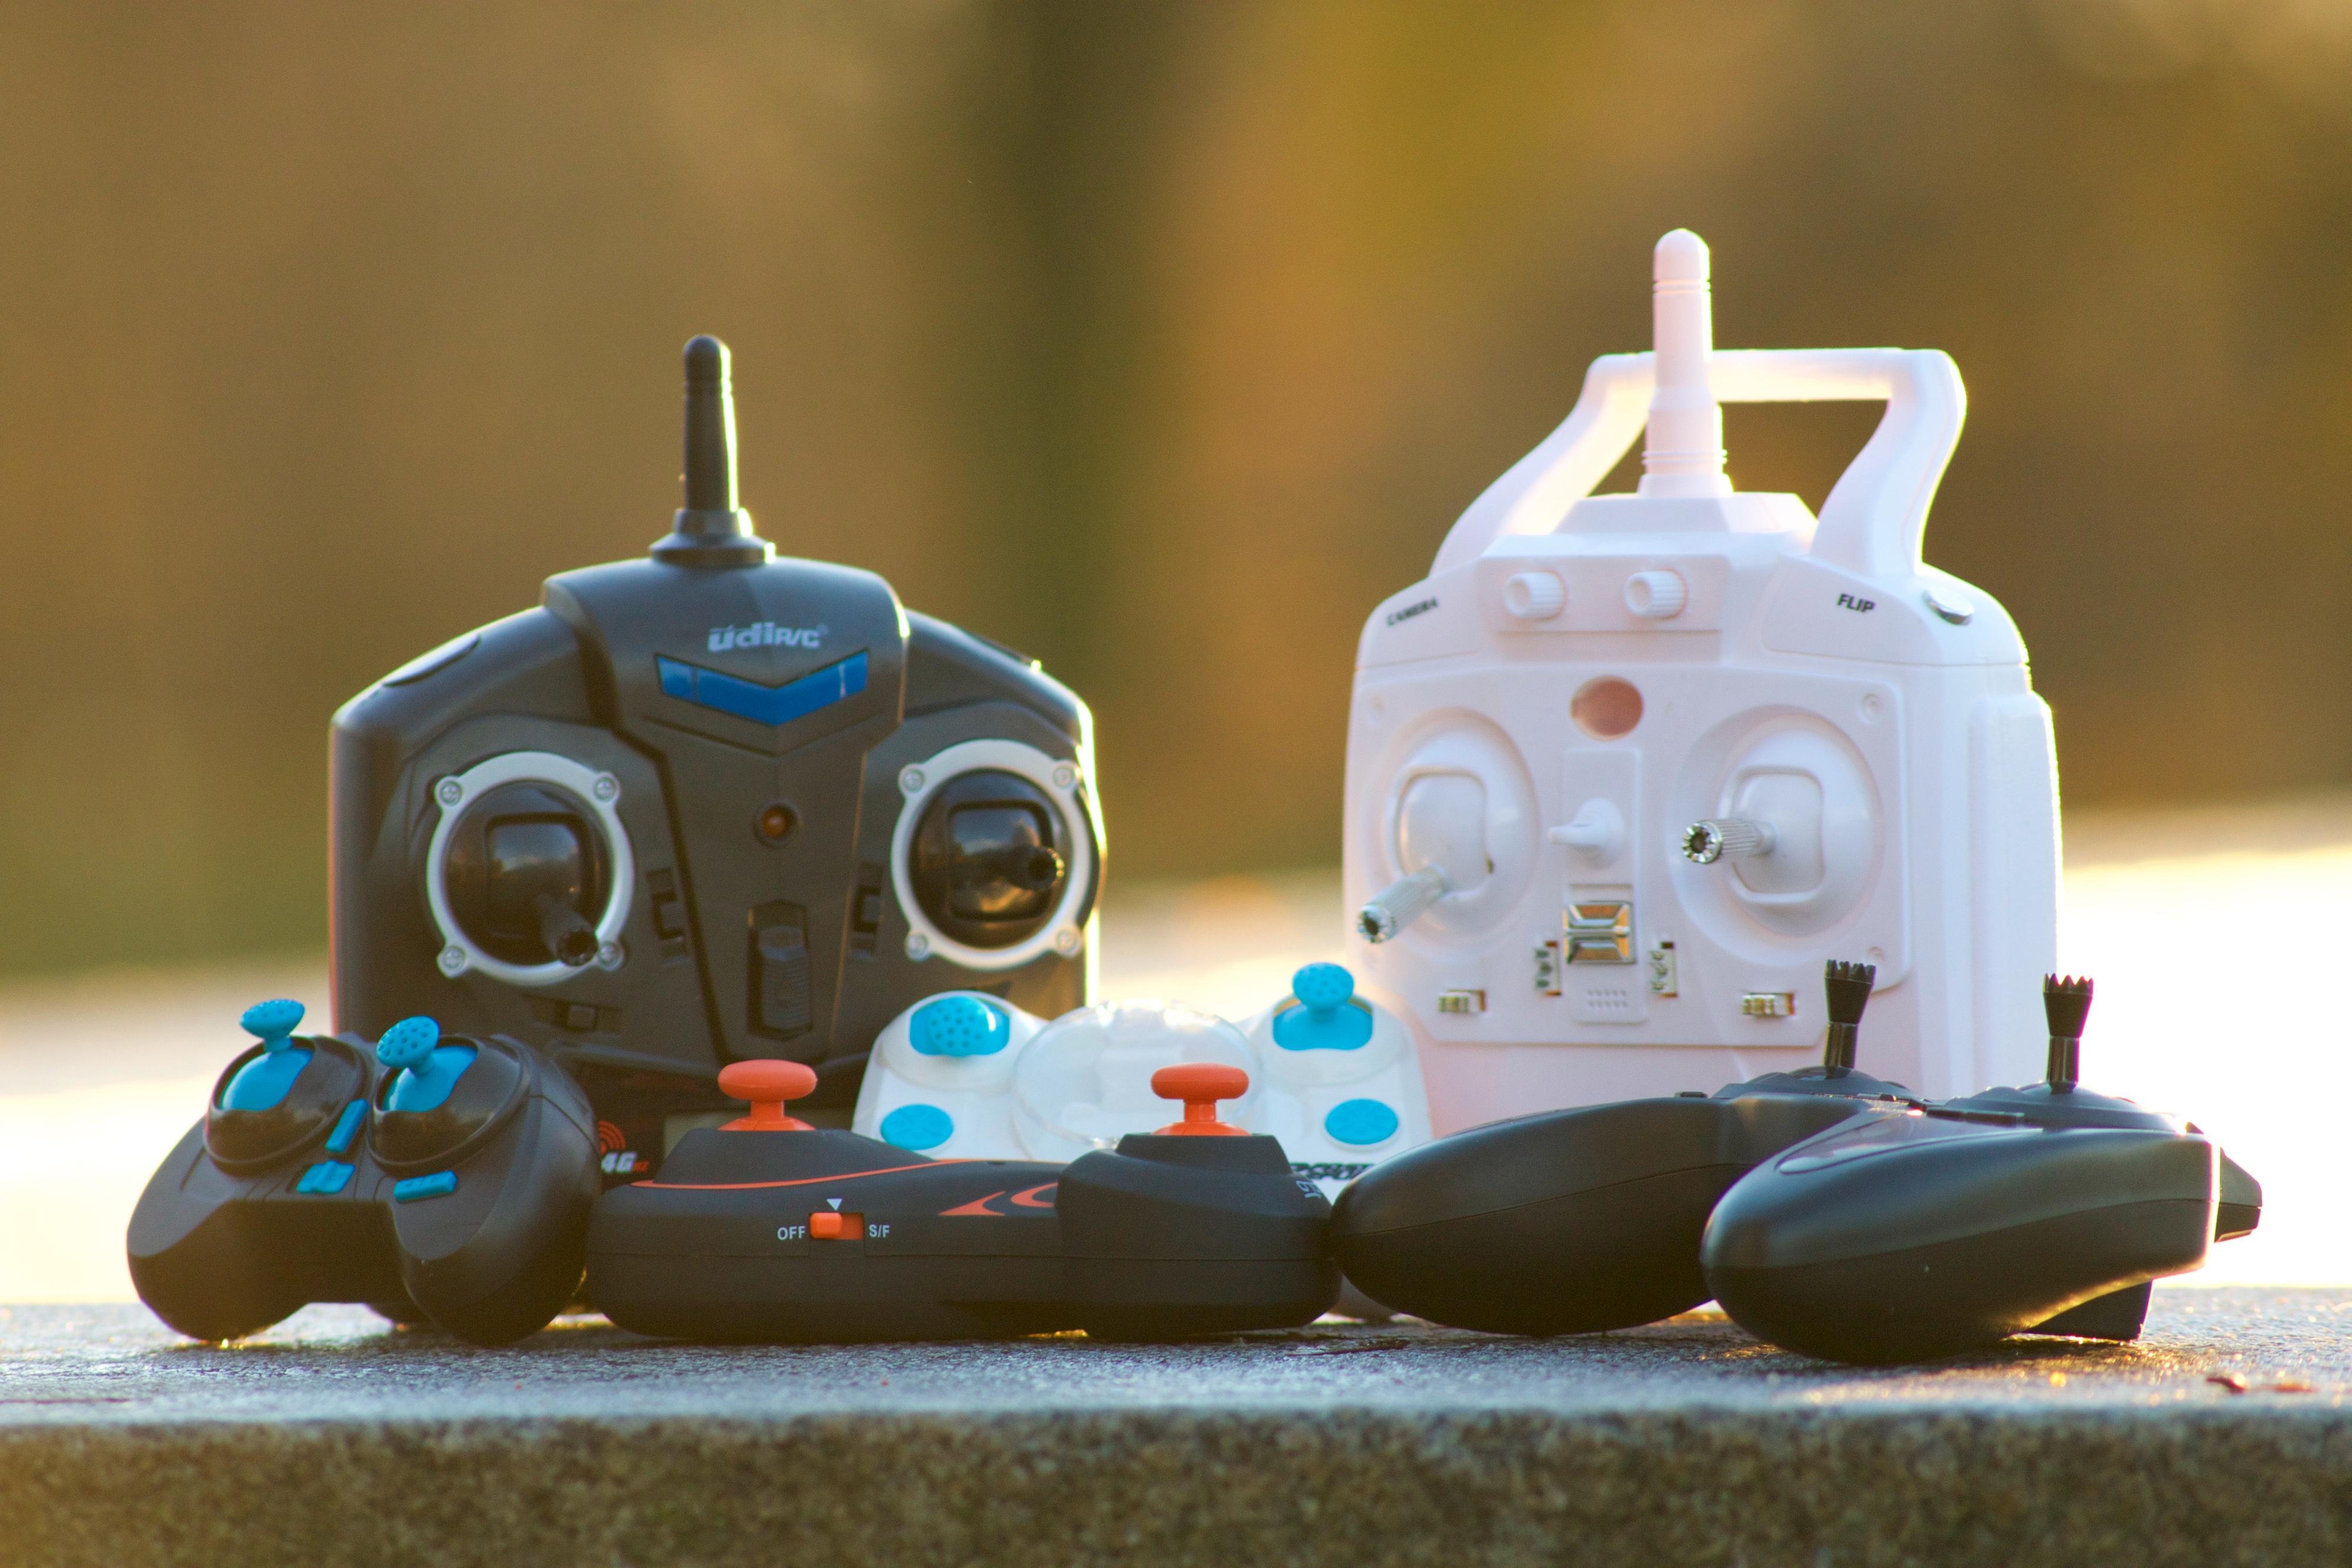 Kontrollerne til dronene. Øverst fra venstre: UDI Mini Drone, 2Fast2Fun Focus Drone. Nederst fra venstre: Hábrók Nano Quadcopter, Zoopa Q Zepto 55, 2Fast2Fun Color Quad XS, Hubsan X4 HD. Foto: Erik Røseid, Tek.no